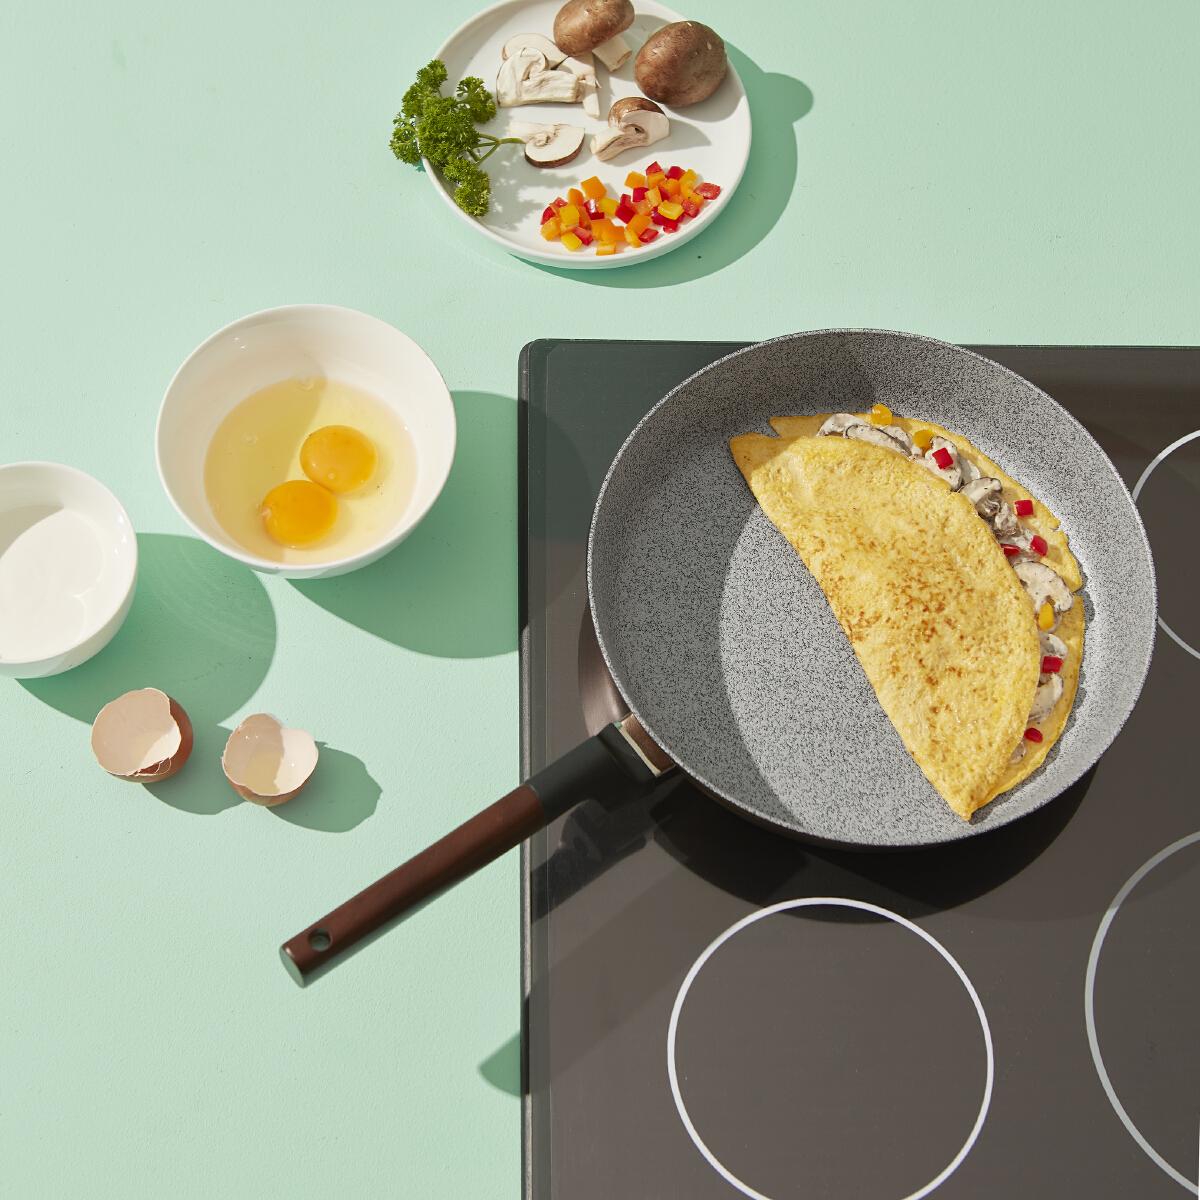 'จาโคล่าสตาร์' เครื่องครัวเพื่อคนรักสุขภาพจากเกาหลีบุกตลาดเฮลตี้ในไทย